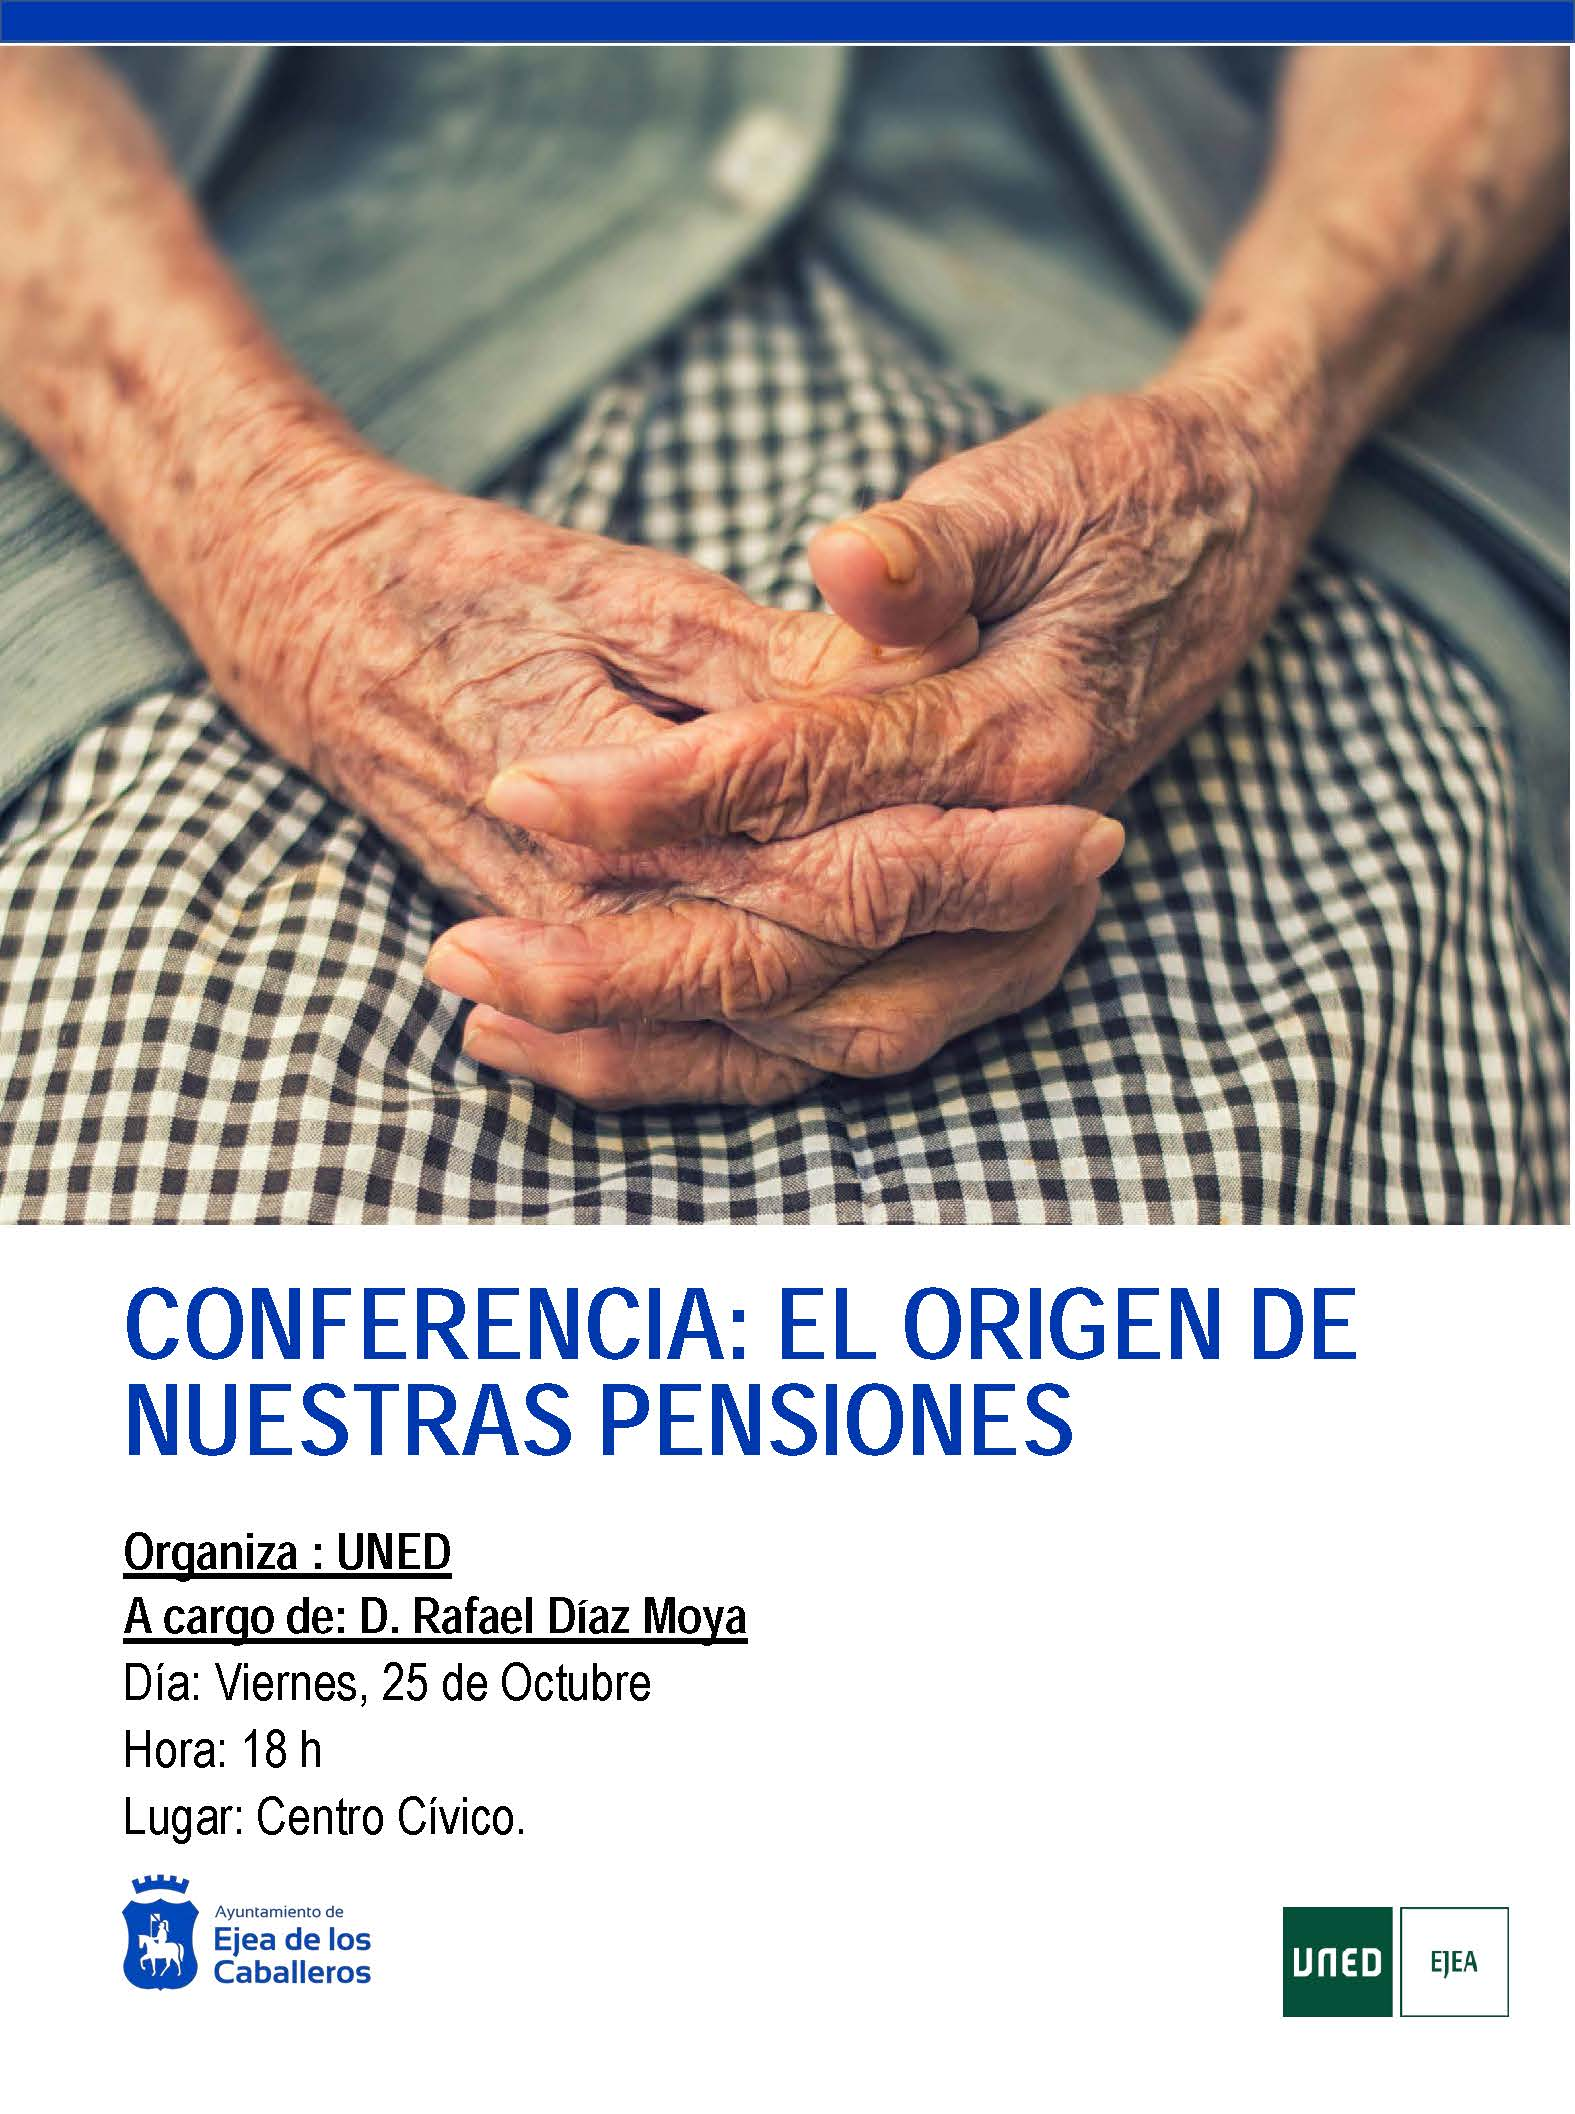 «El Origen de nuestras pensiones» , conferencia de Rafael Díaz Moya dentro de los actos conmemorativos del 10º Aniversario de la UNED en Ejea